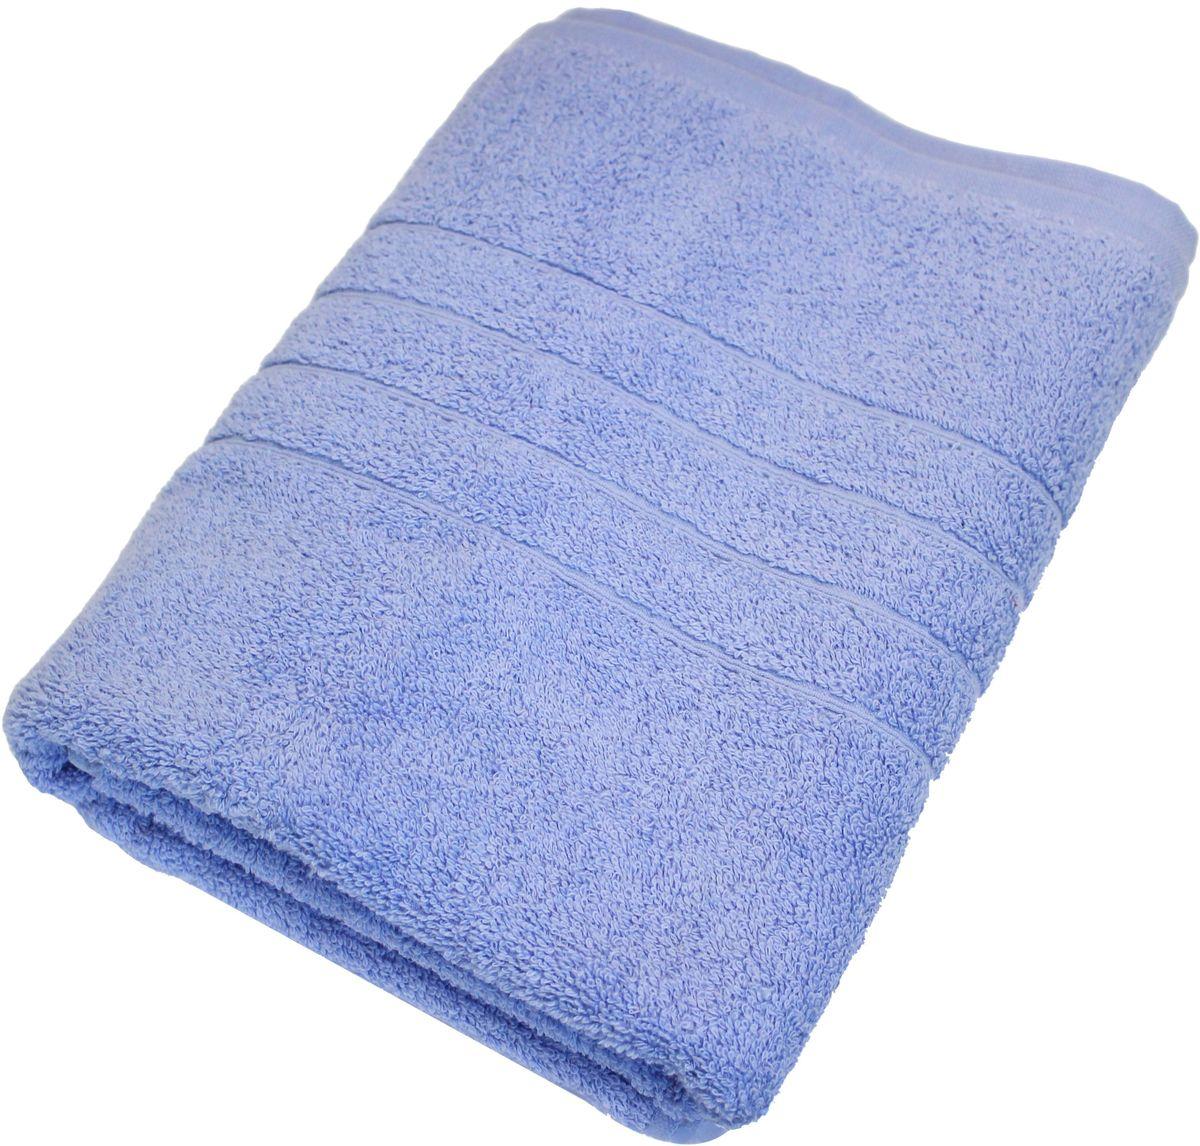 Полотенце Proffi Home Модерн, цвет: голубой, 70x140 смPH3274Состав: 100% хлопок.